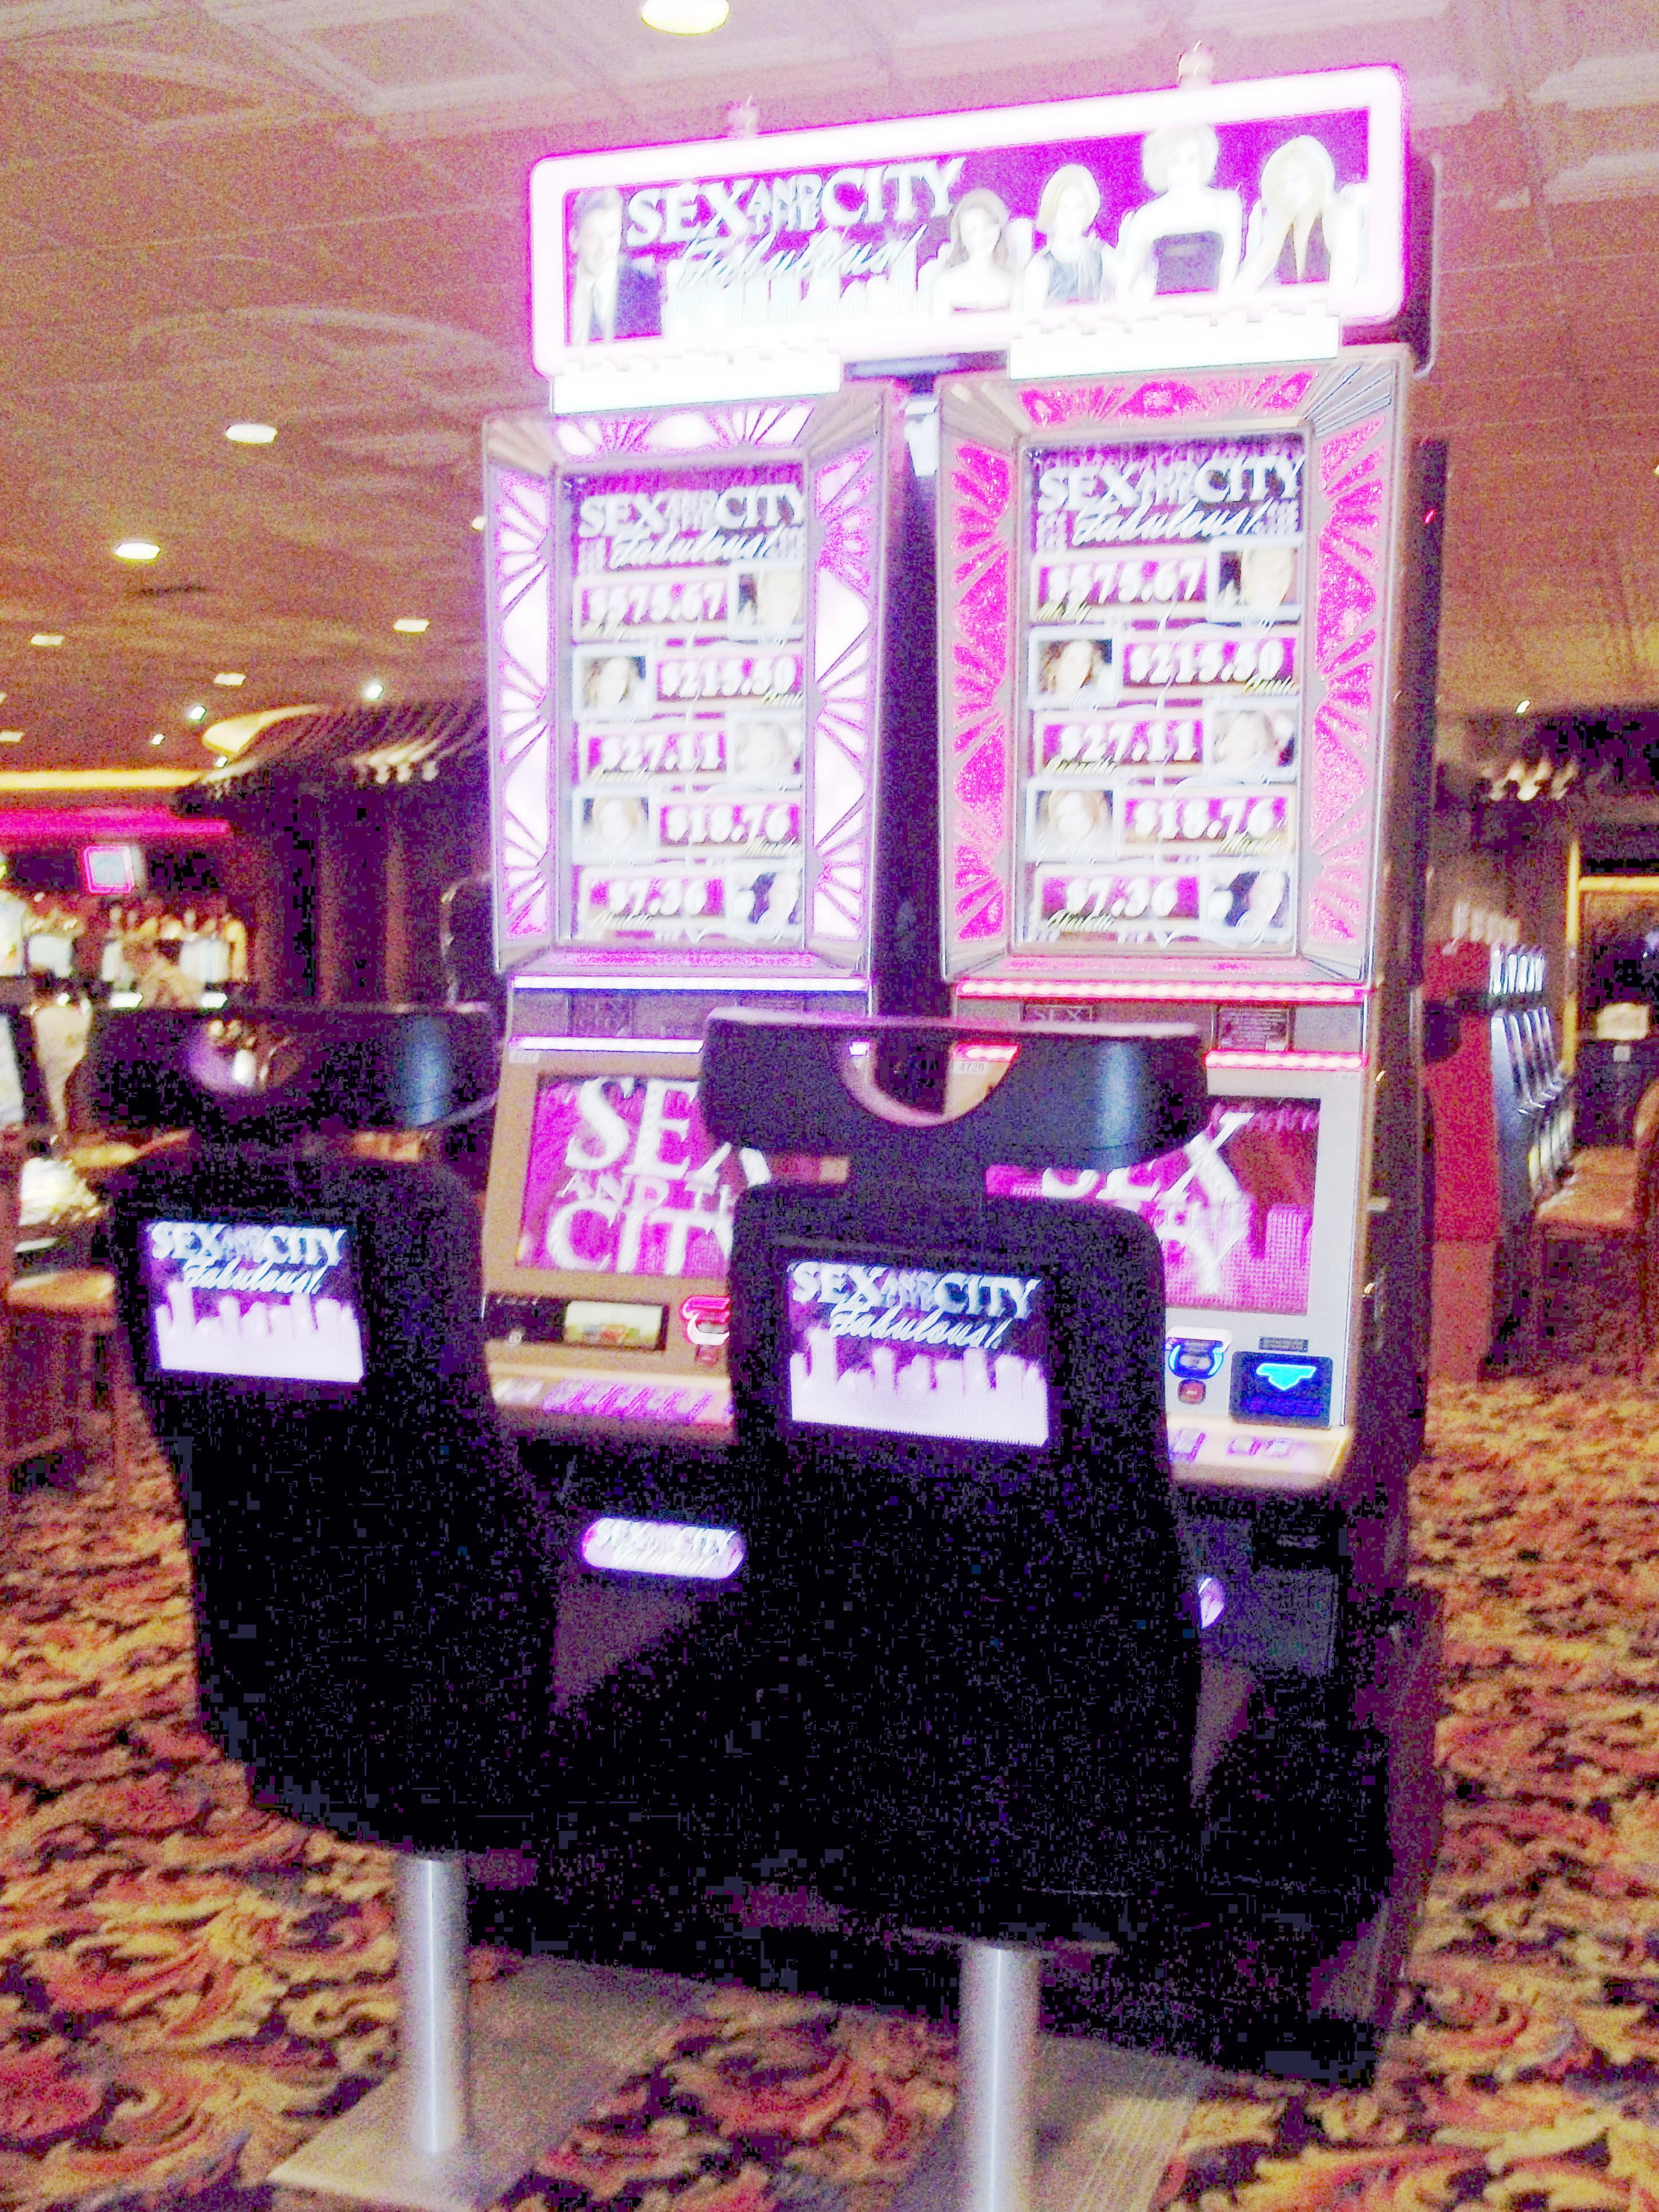 Eur 1490 no deposit casino bonus at Leo Vegas Casino